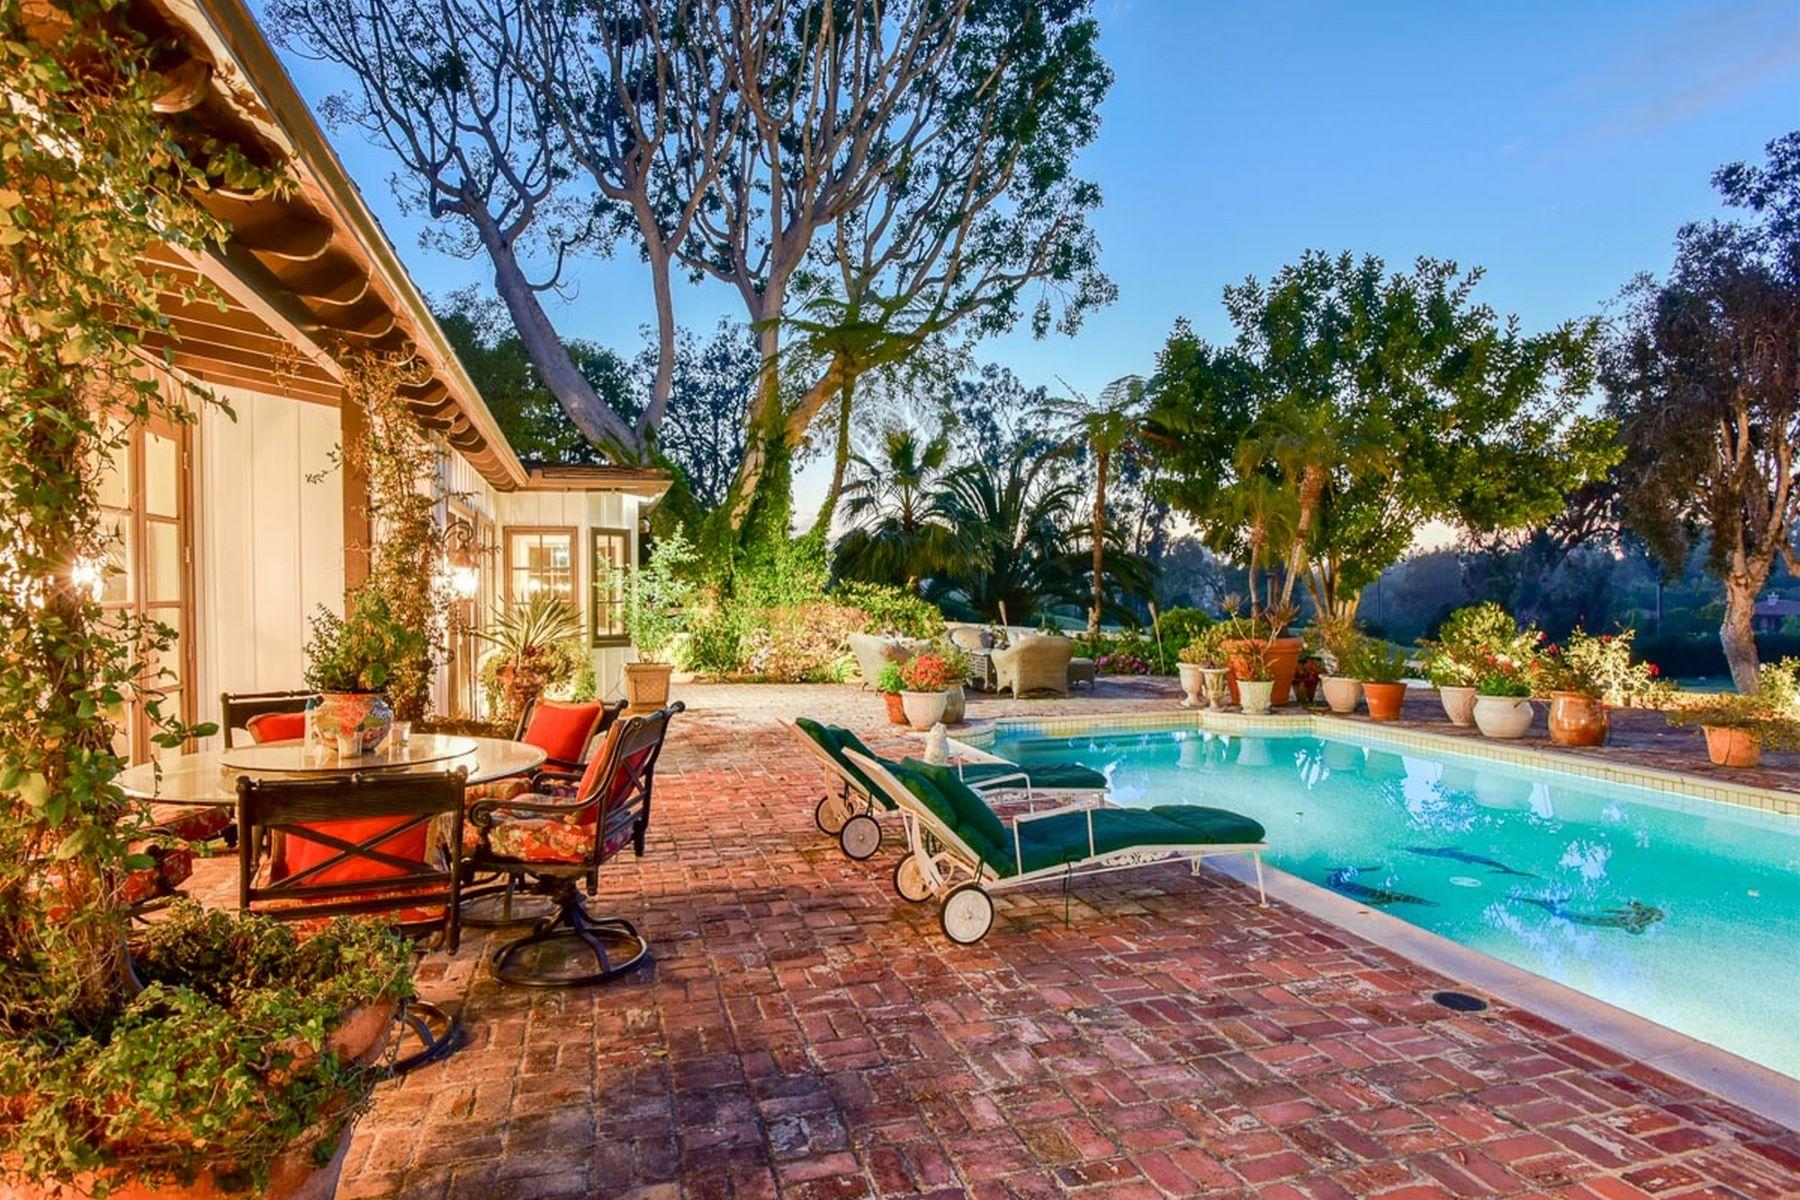 Property for Sale at 6048 La Granada Rancho Santa Fe, California 92067 United States